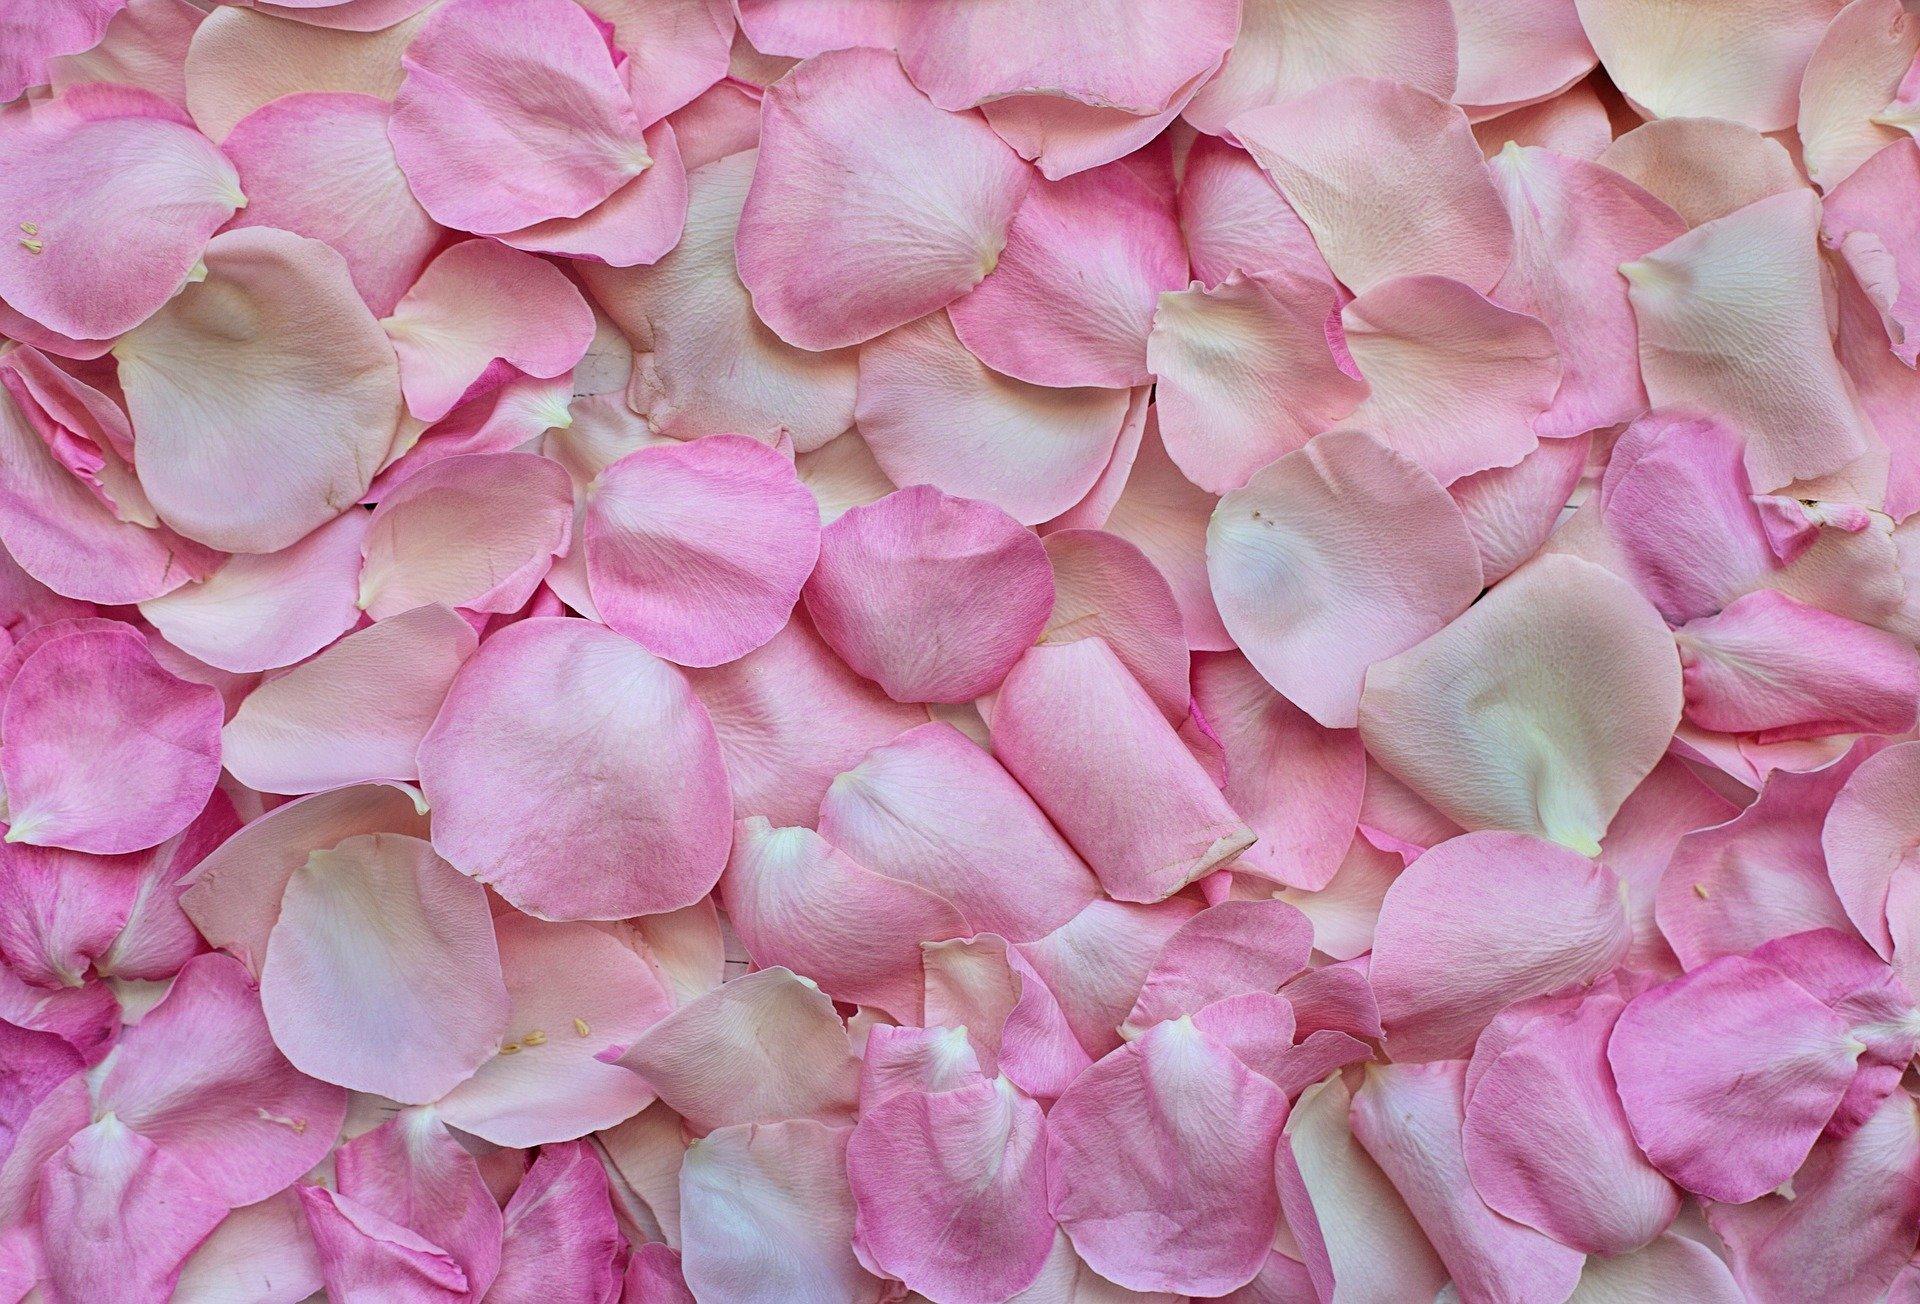 Fiore Ischia